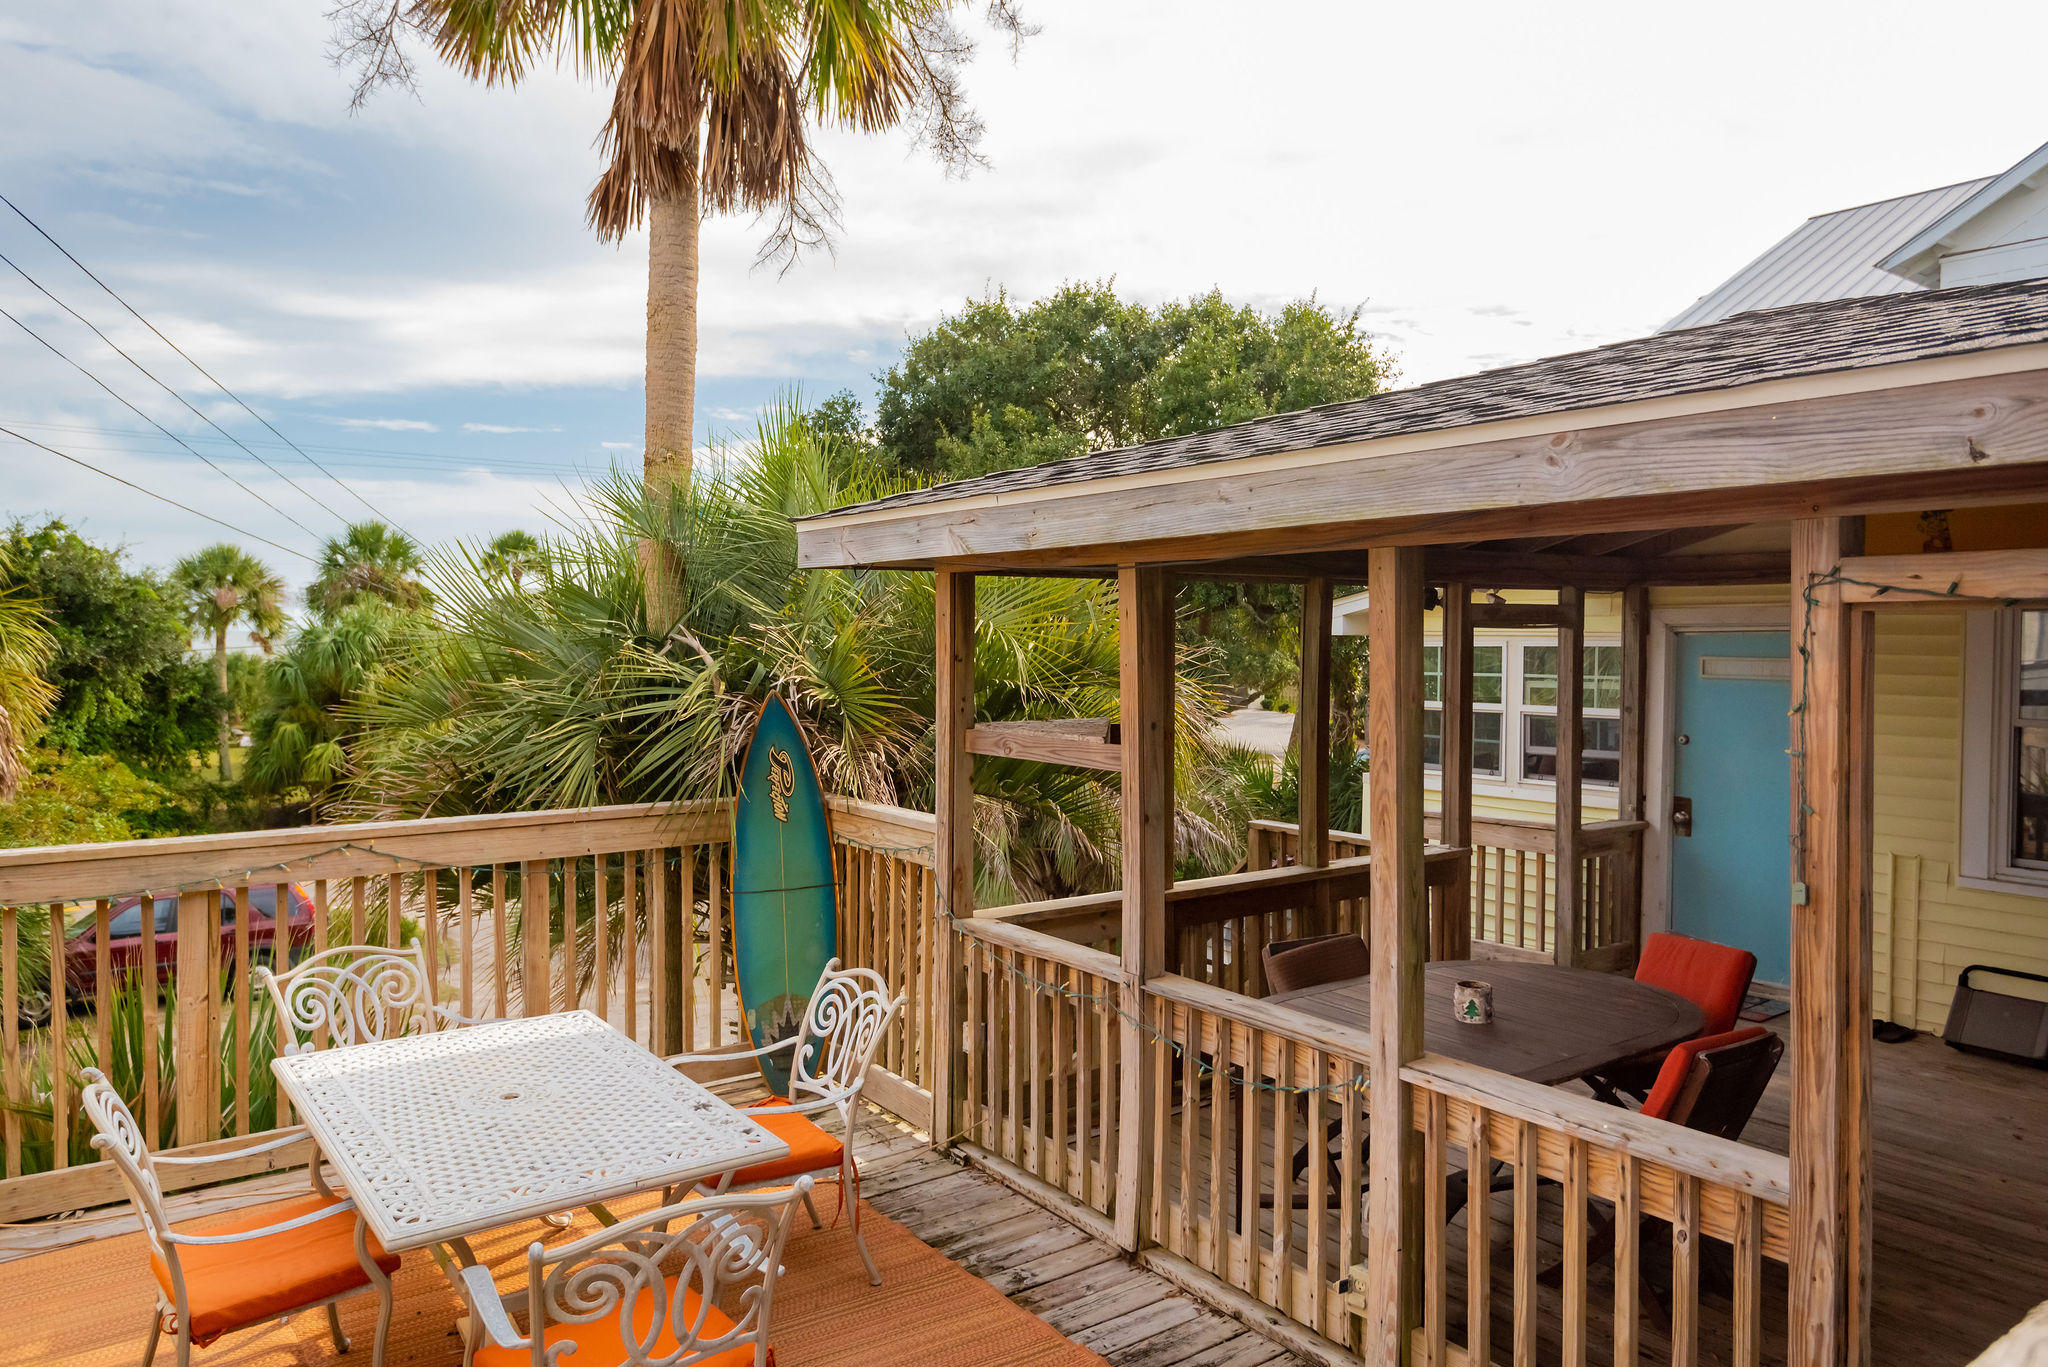 Folly Beach Homes For Sale - 504 Ashley, Folly Beach, SC - 2